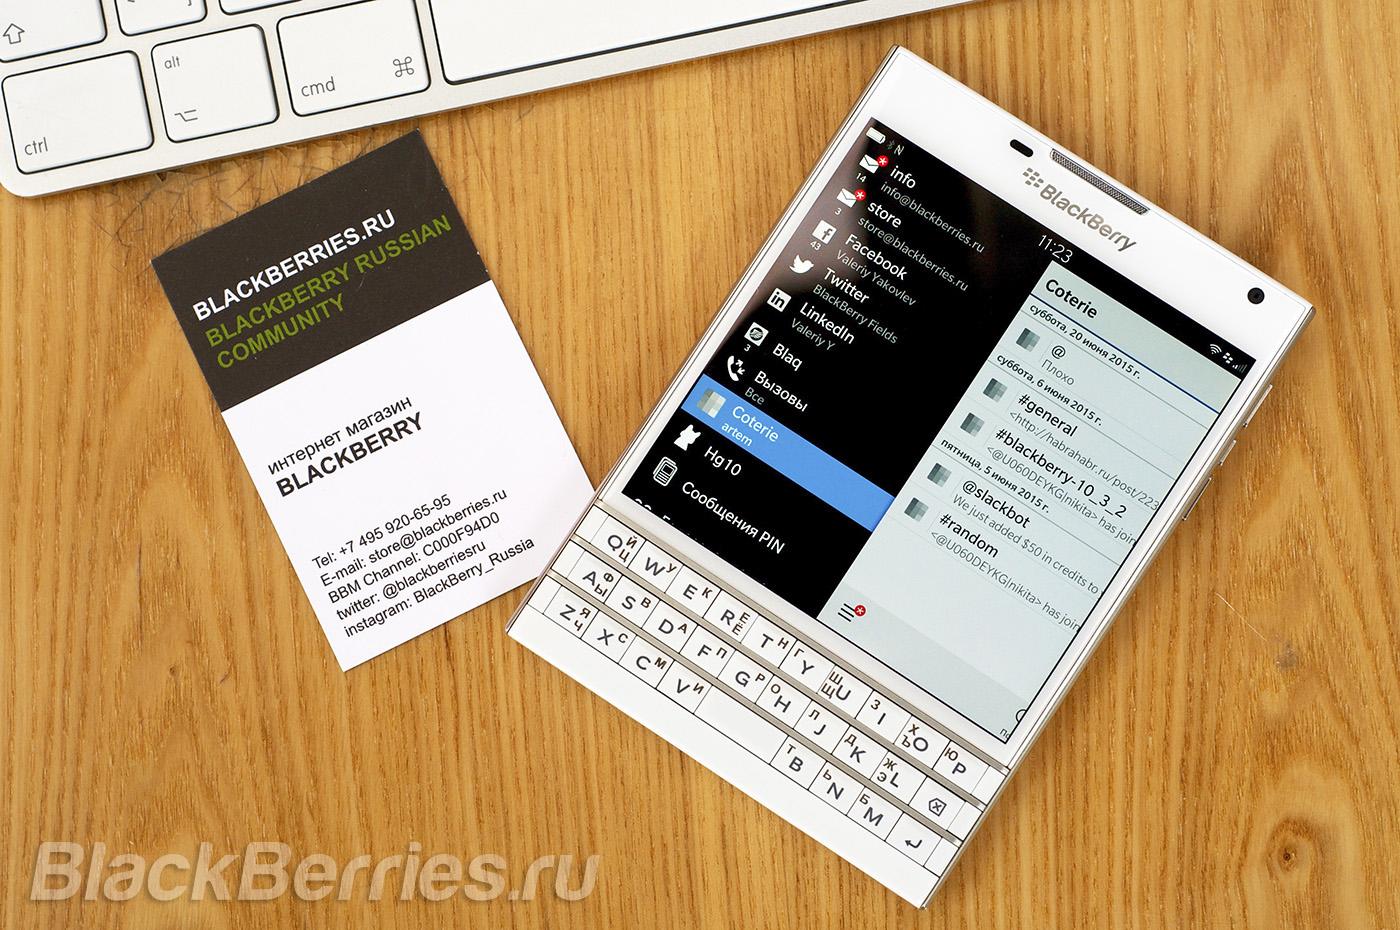 BlackBerry-Passport-Apps-18-07-13